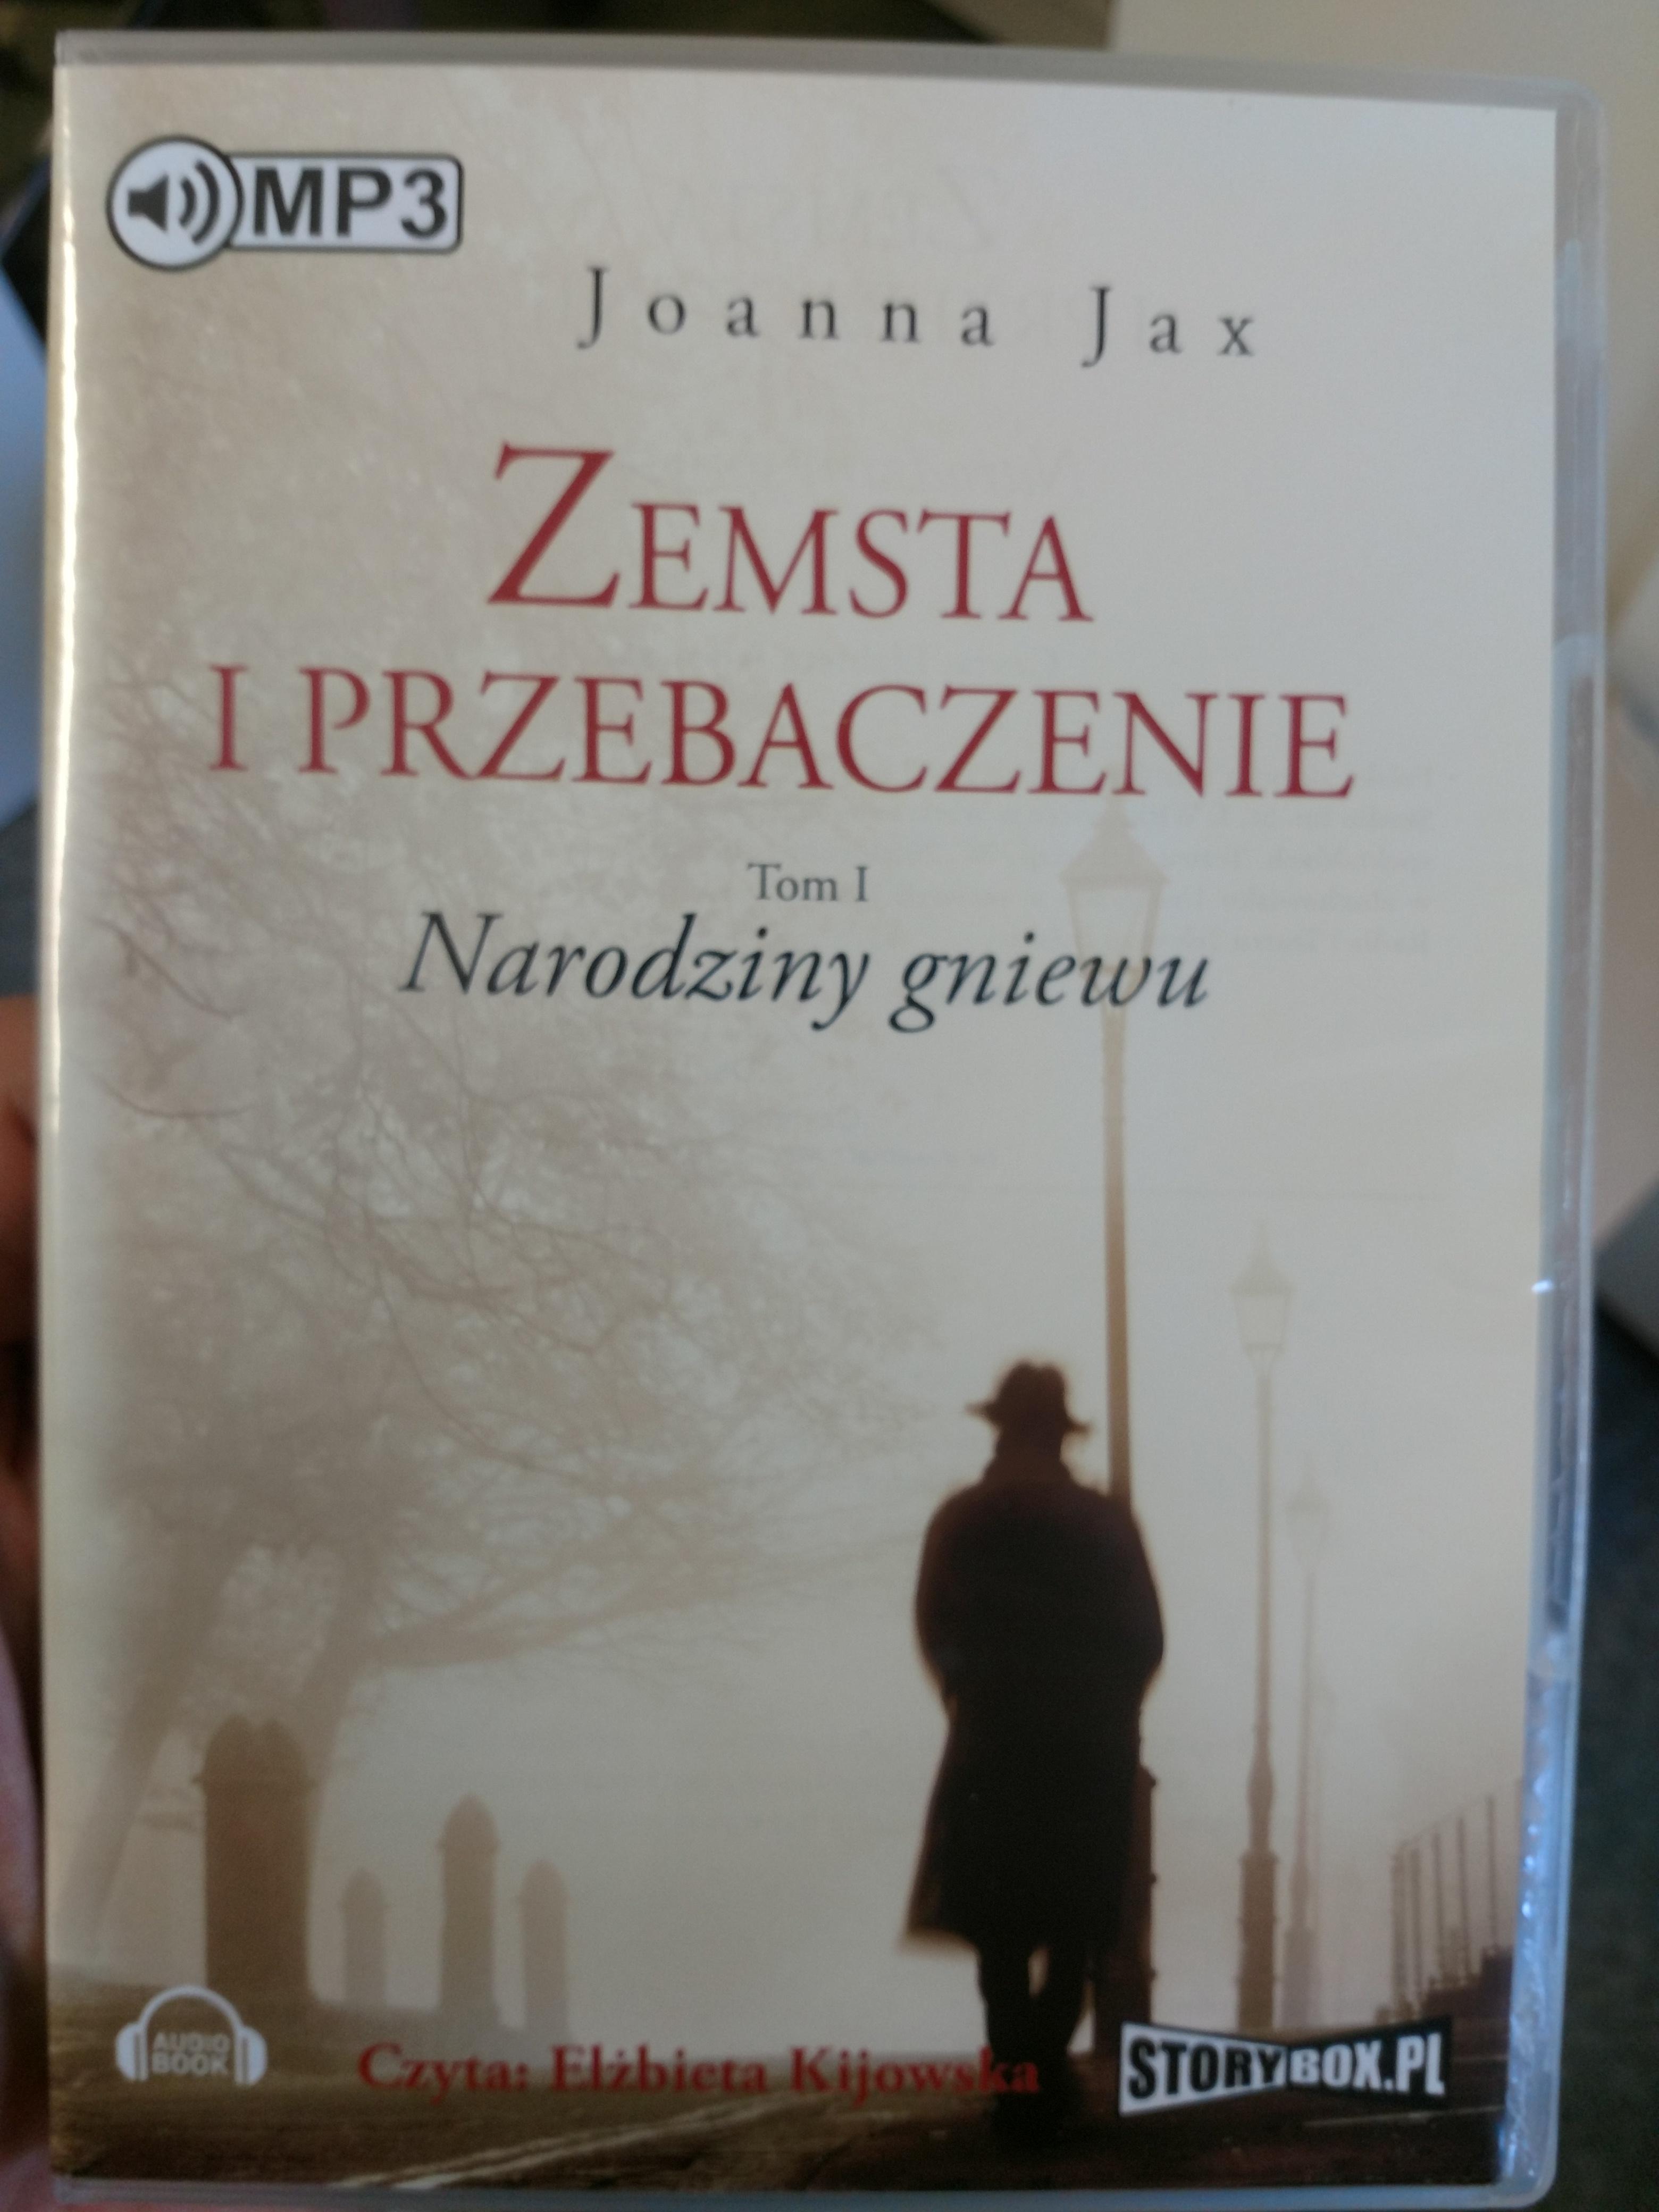 Narodziny gniewu - Joanna Jax, Elżbieta Kijowska, Joanna. Jax